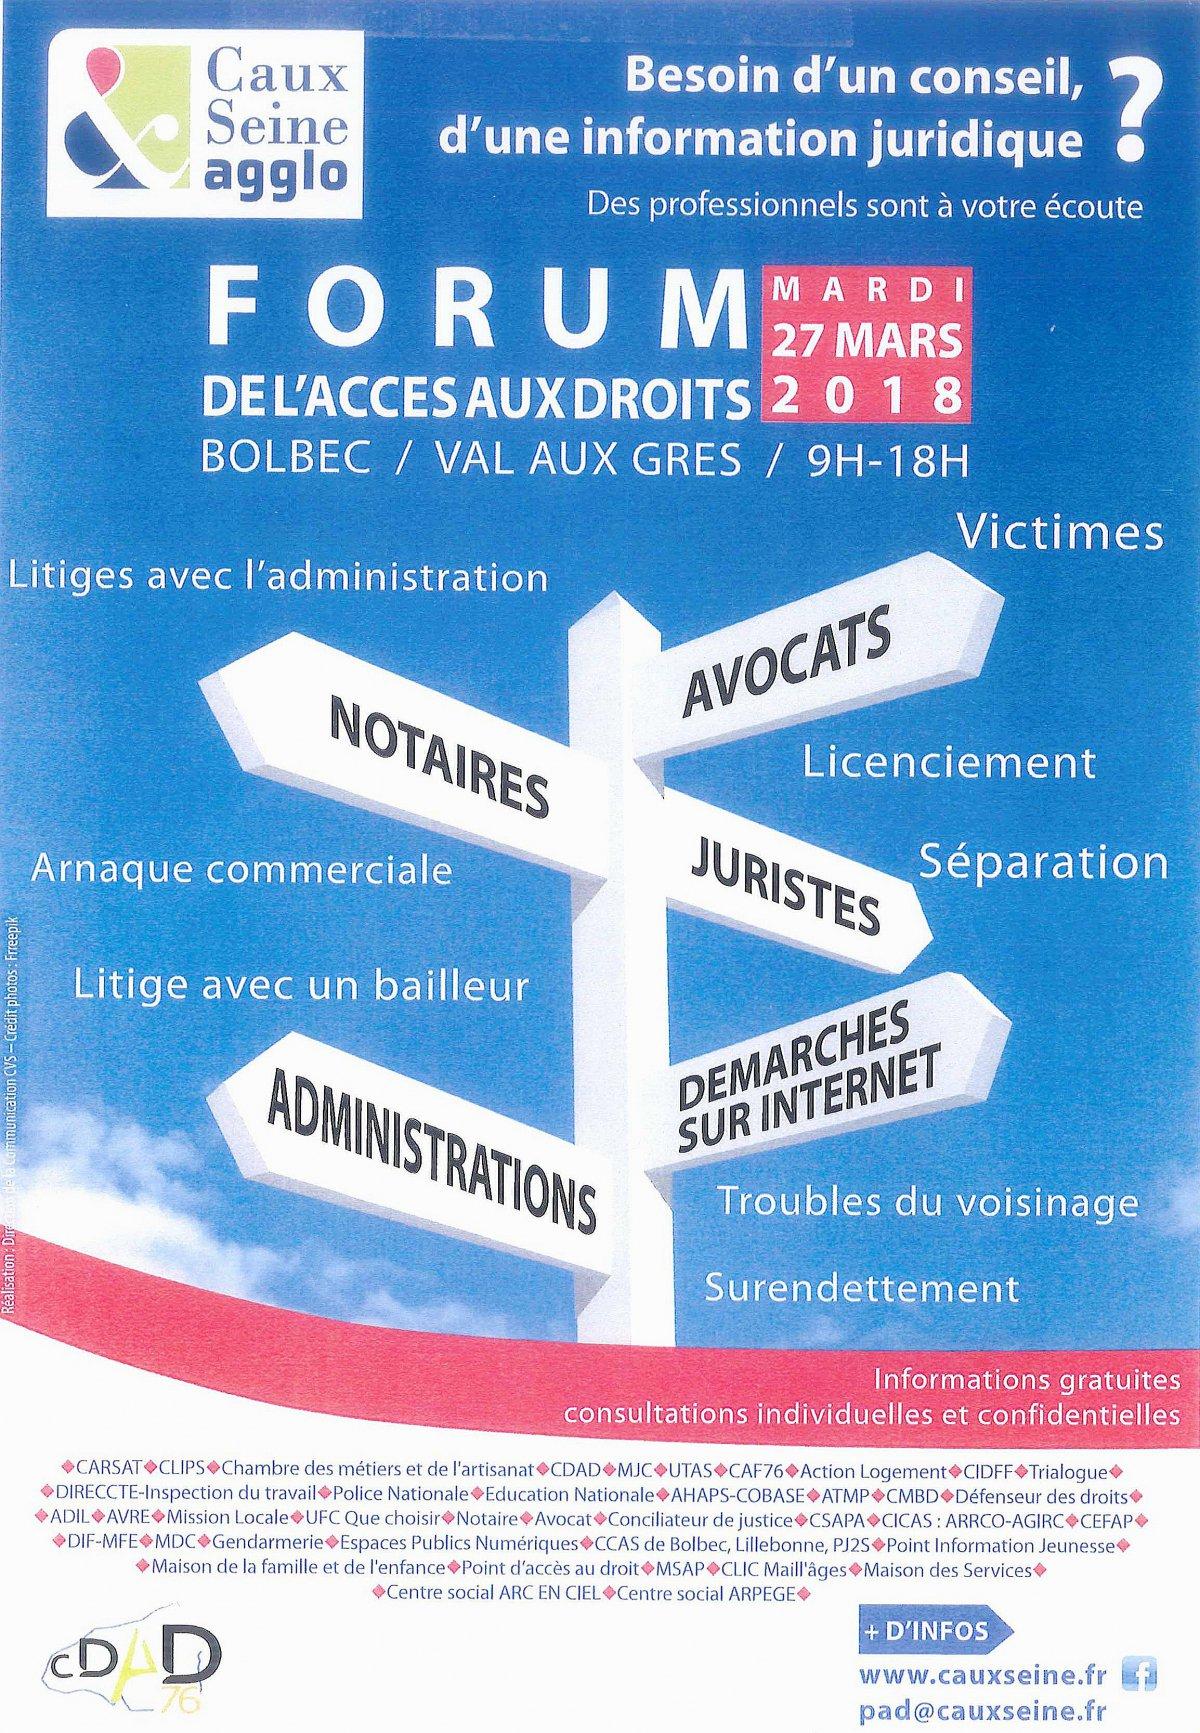 Societe Generale Bolbec dedans administration, internet, conciliation : tous les conseils au forum